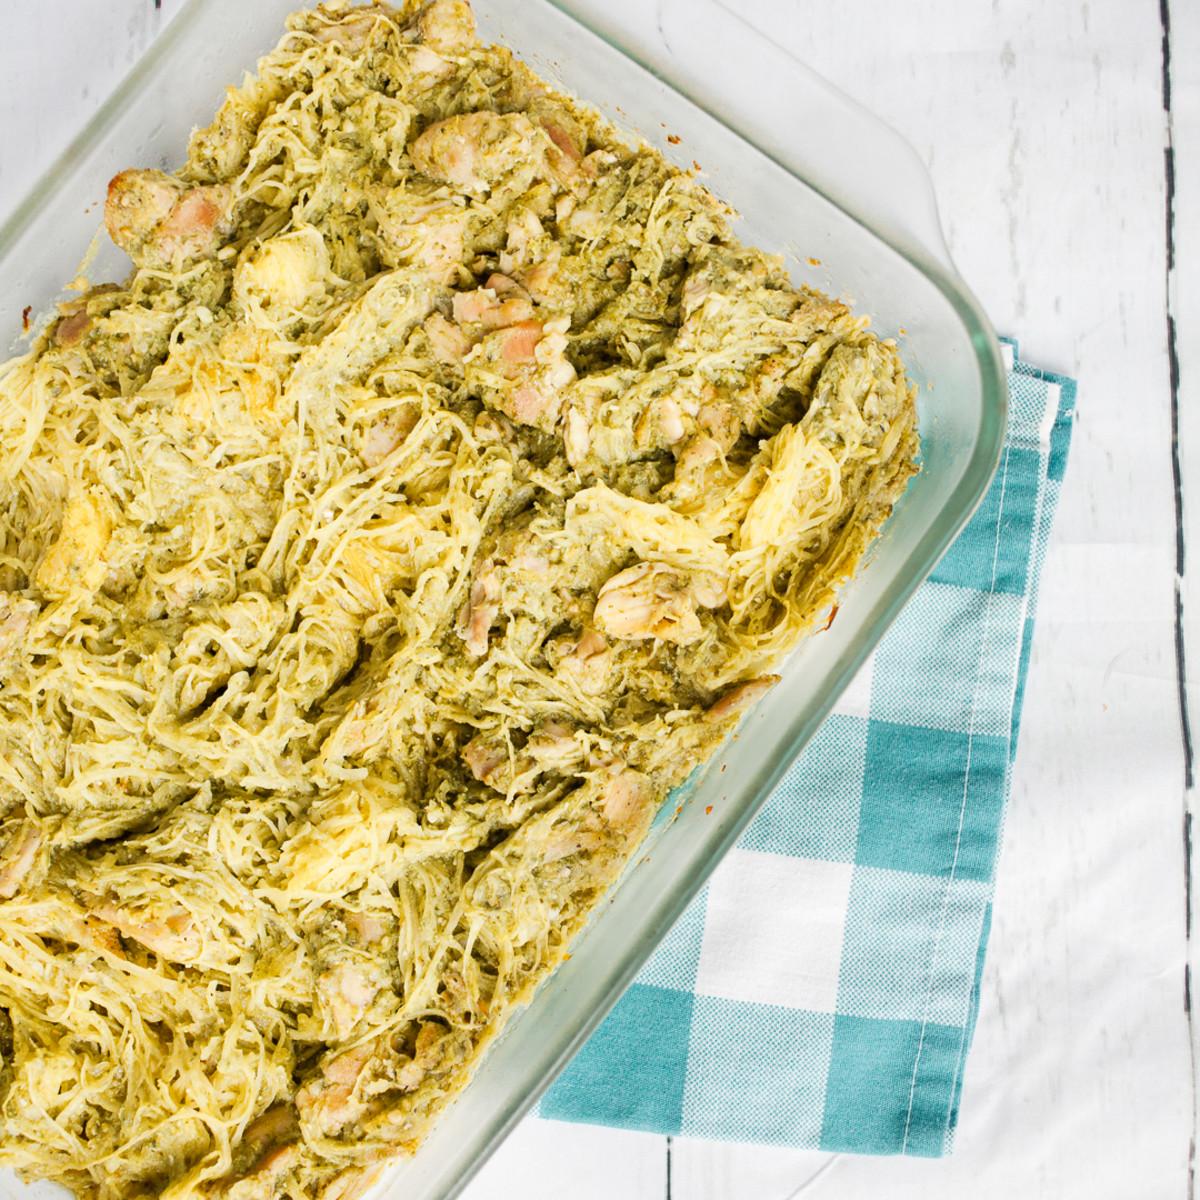 Easy Whole 30 Spagetti Squash Pesto Chicken Bake Recipe